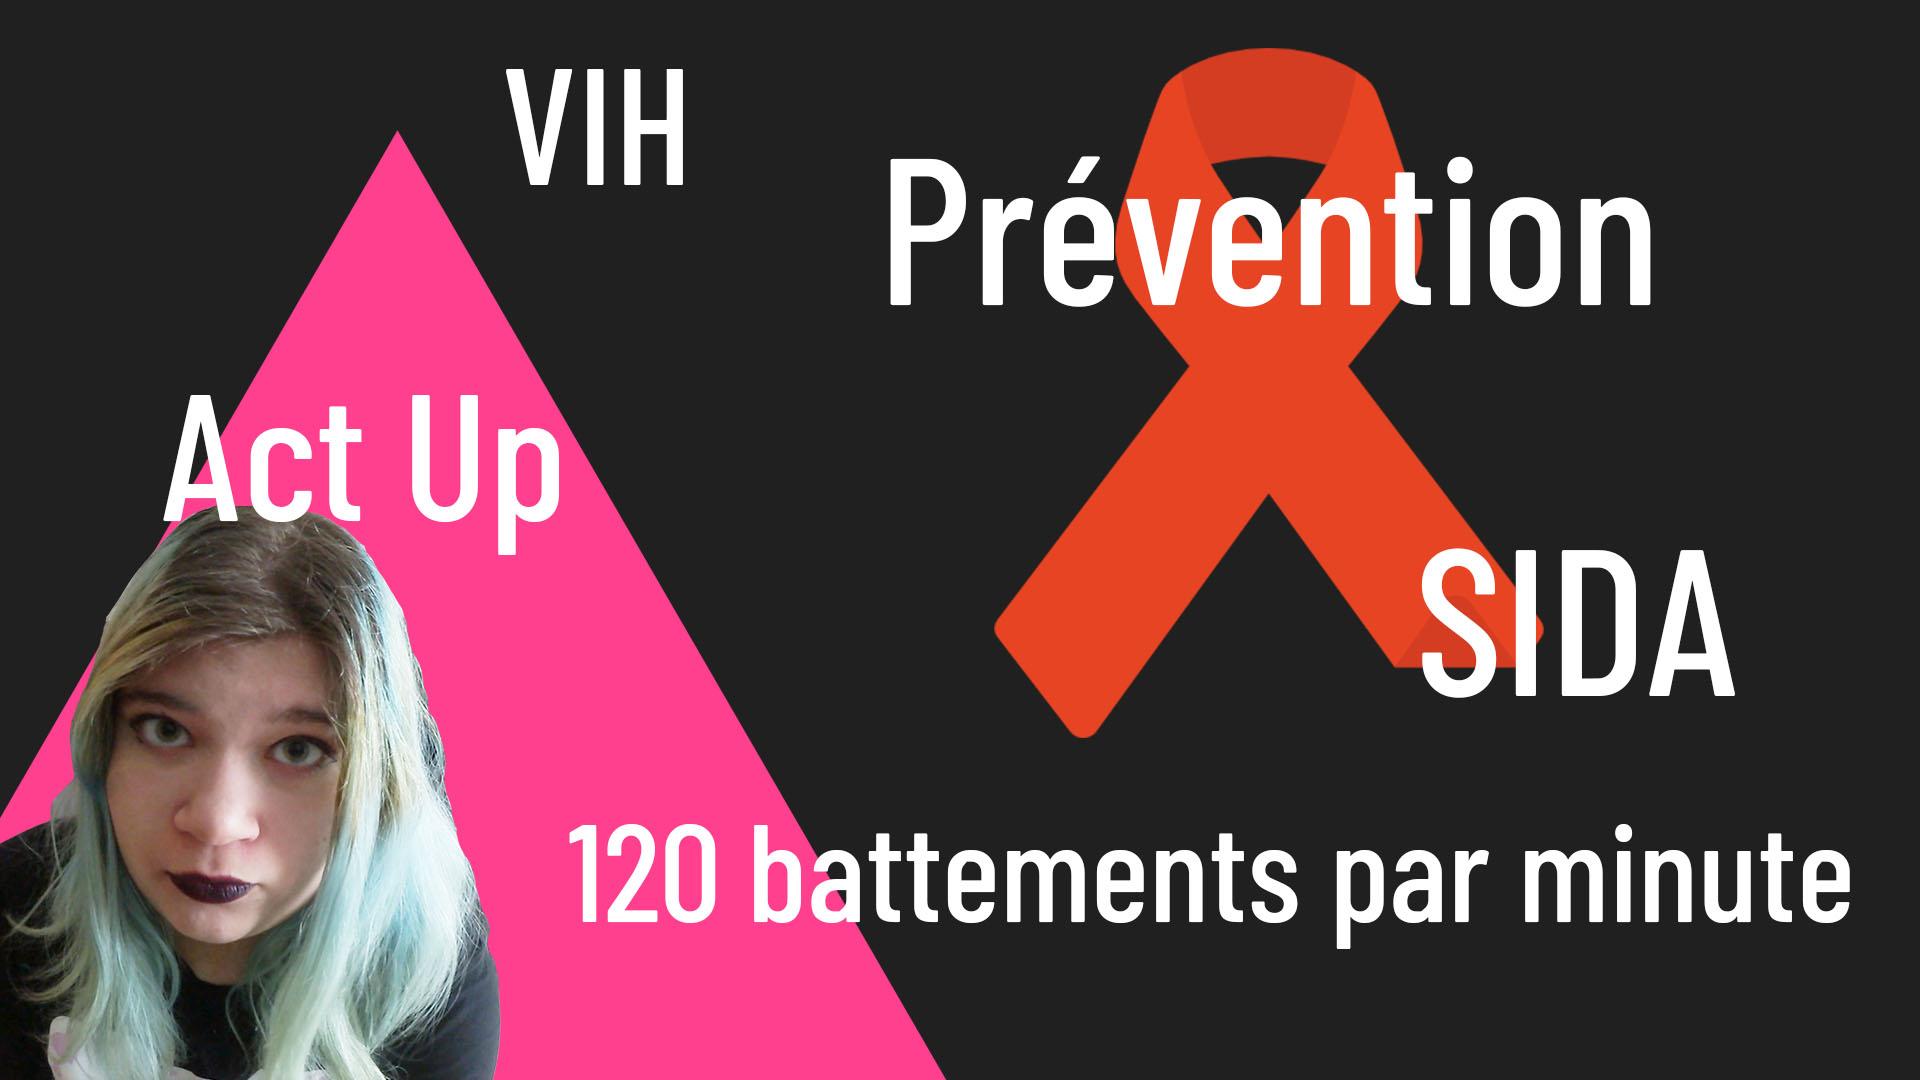 Journée Mondiale de Lutte contre le SIDA : Act-up, 120 battements par minute et Prévention